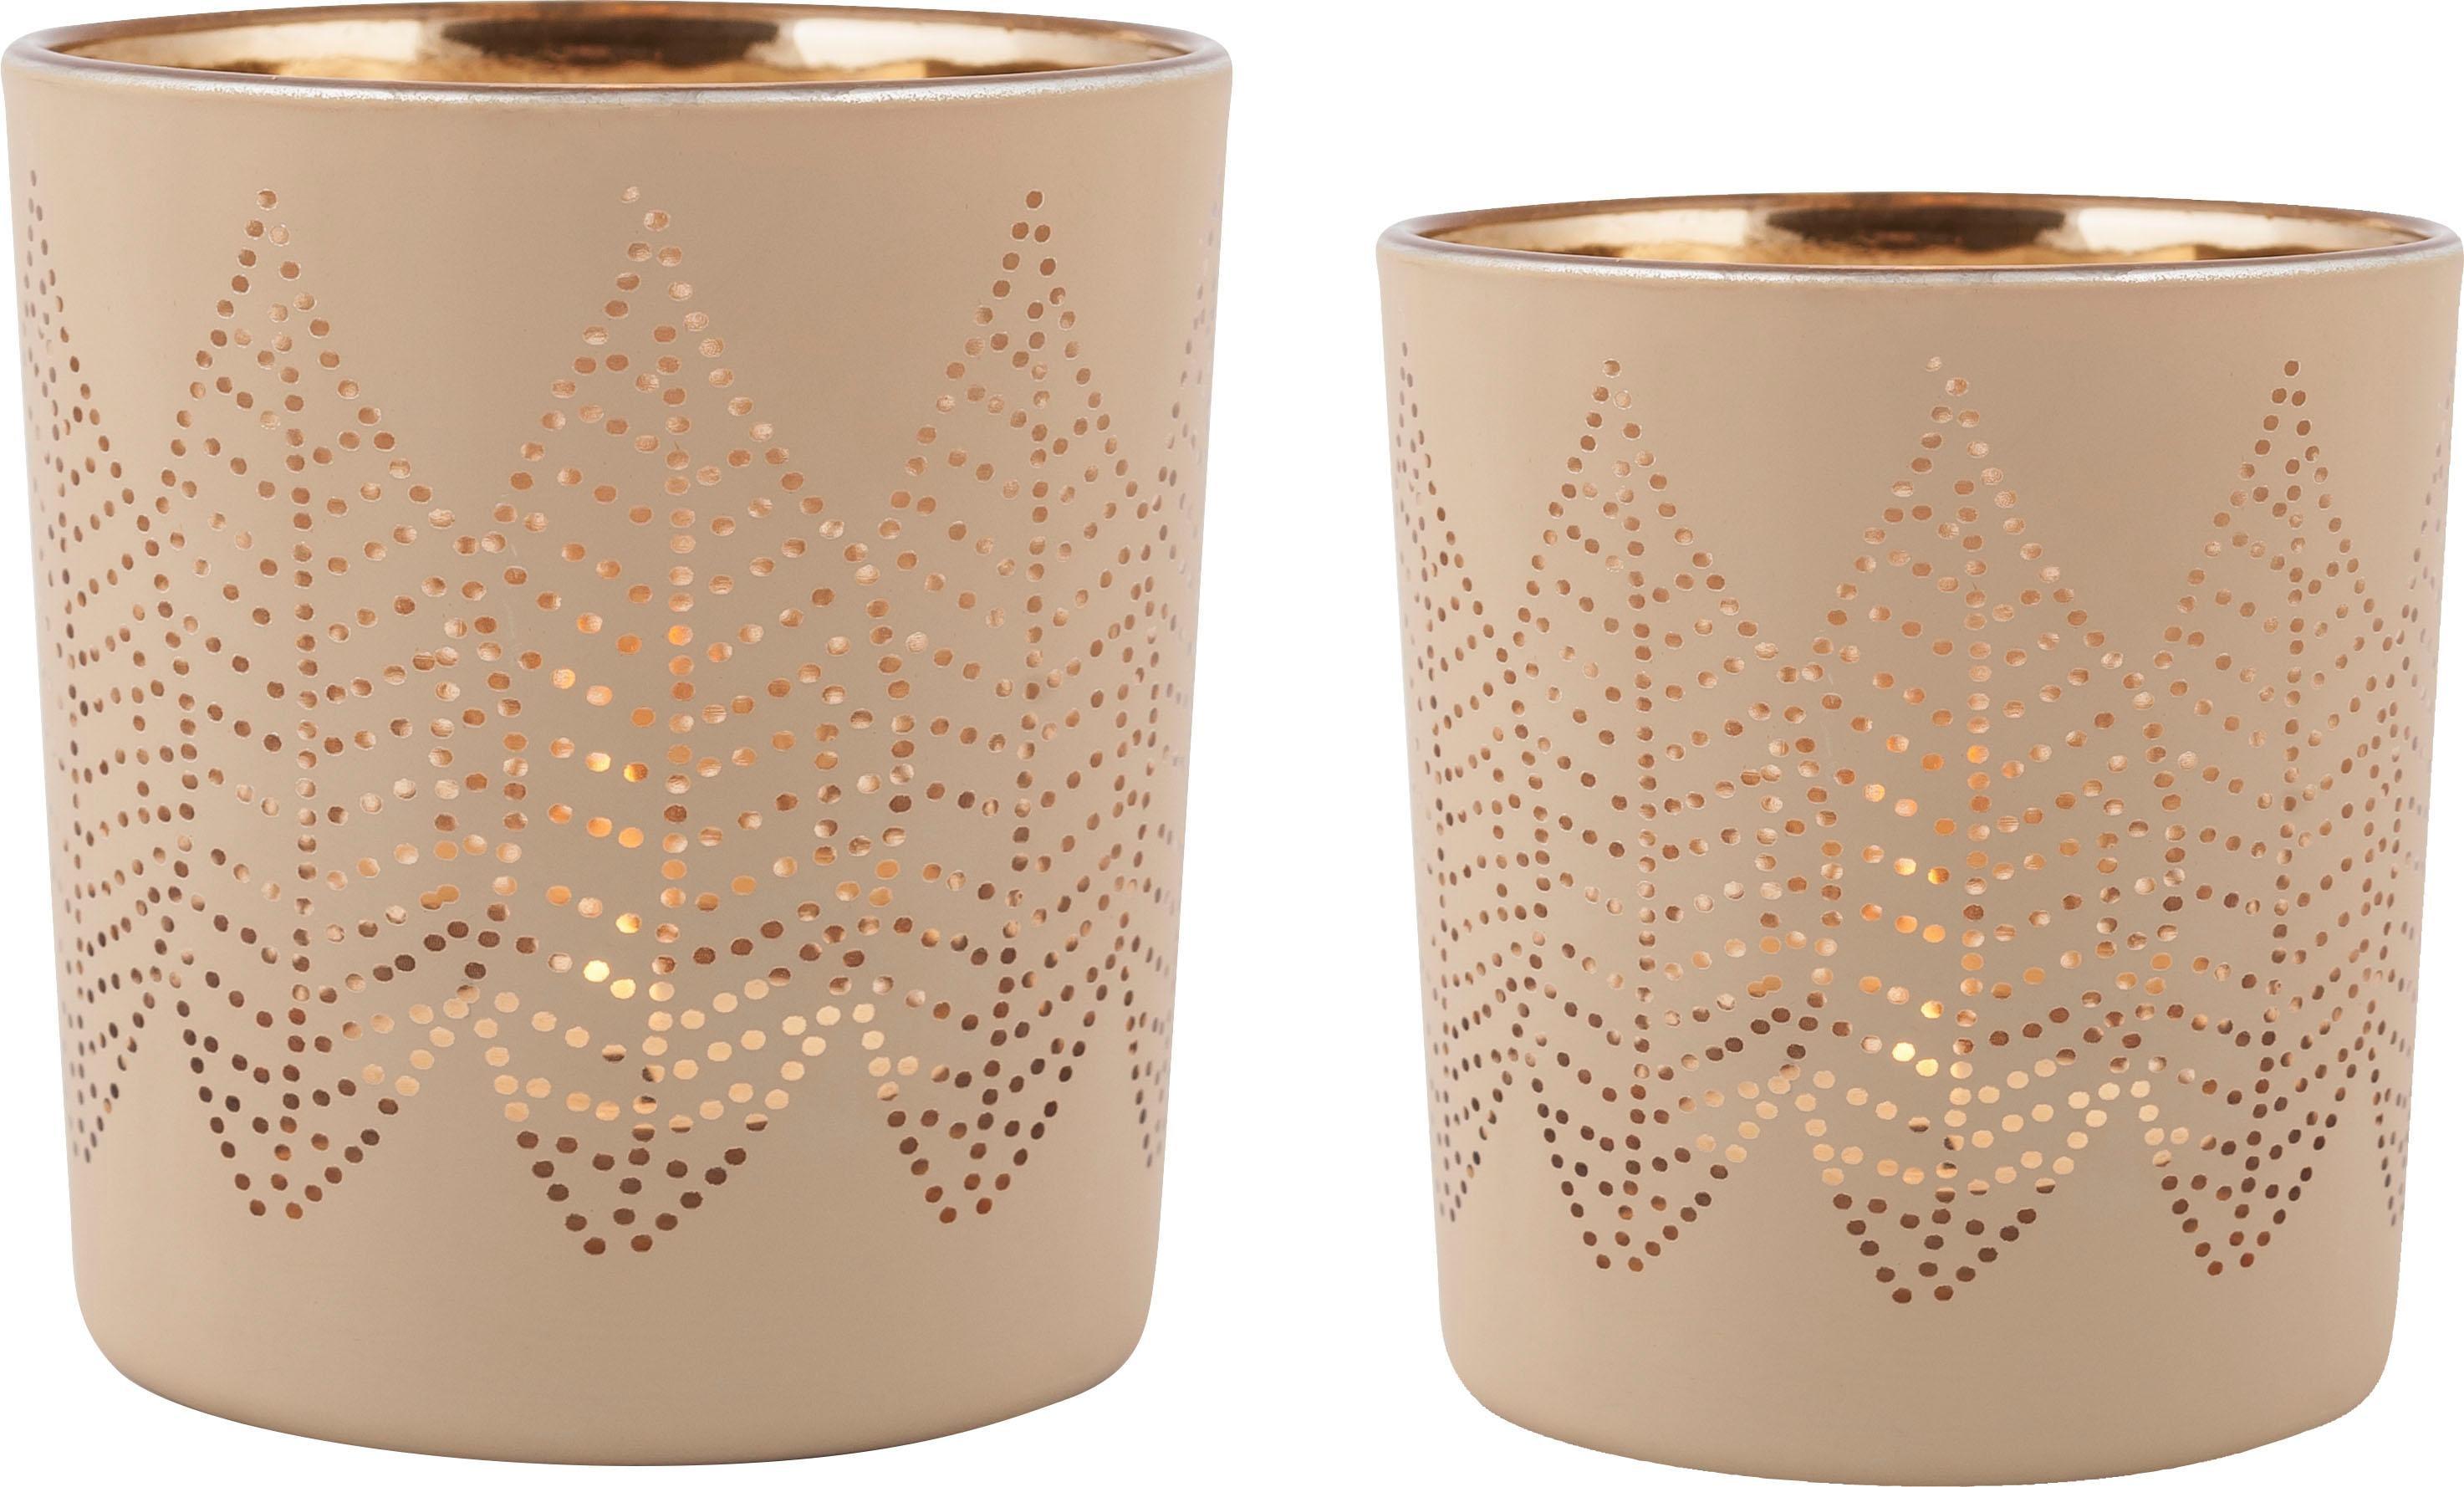 Home affaire Teelichthalter Leaf II | Dekoration > Kerzen und Kerzenständer > Kerzenständer | Goldfarben | Home Affaire